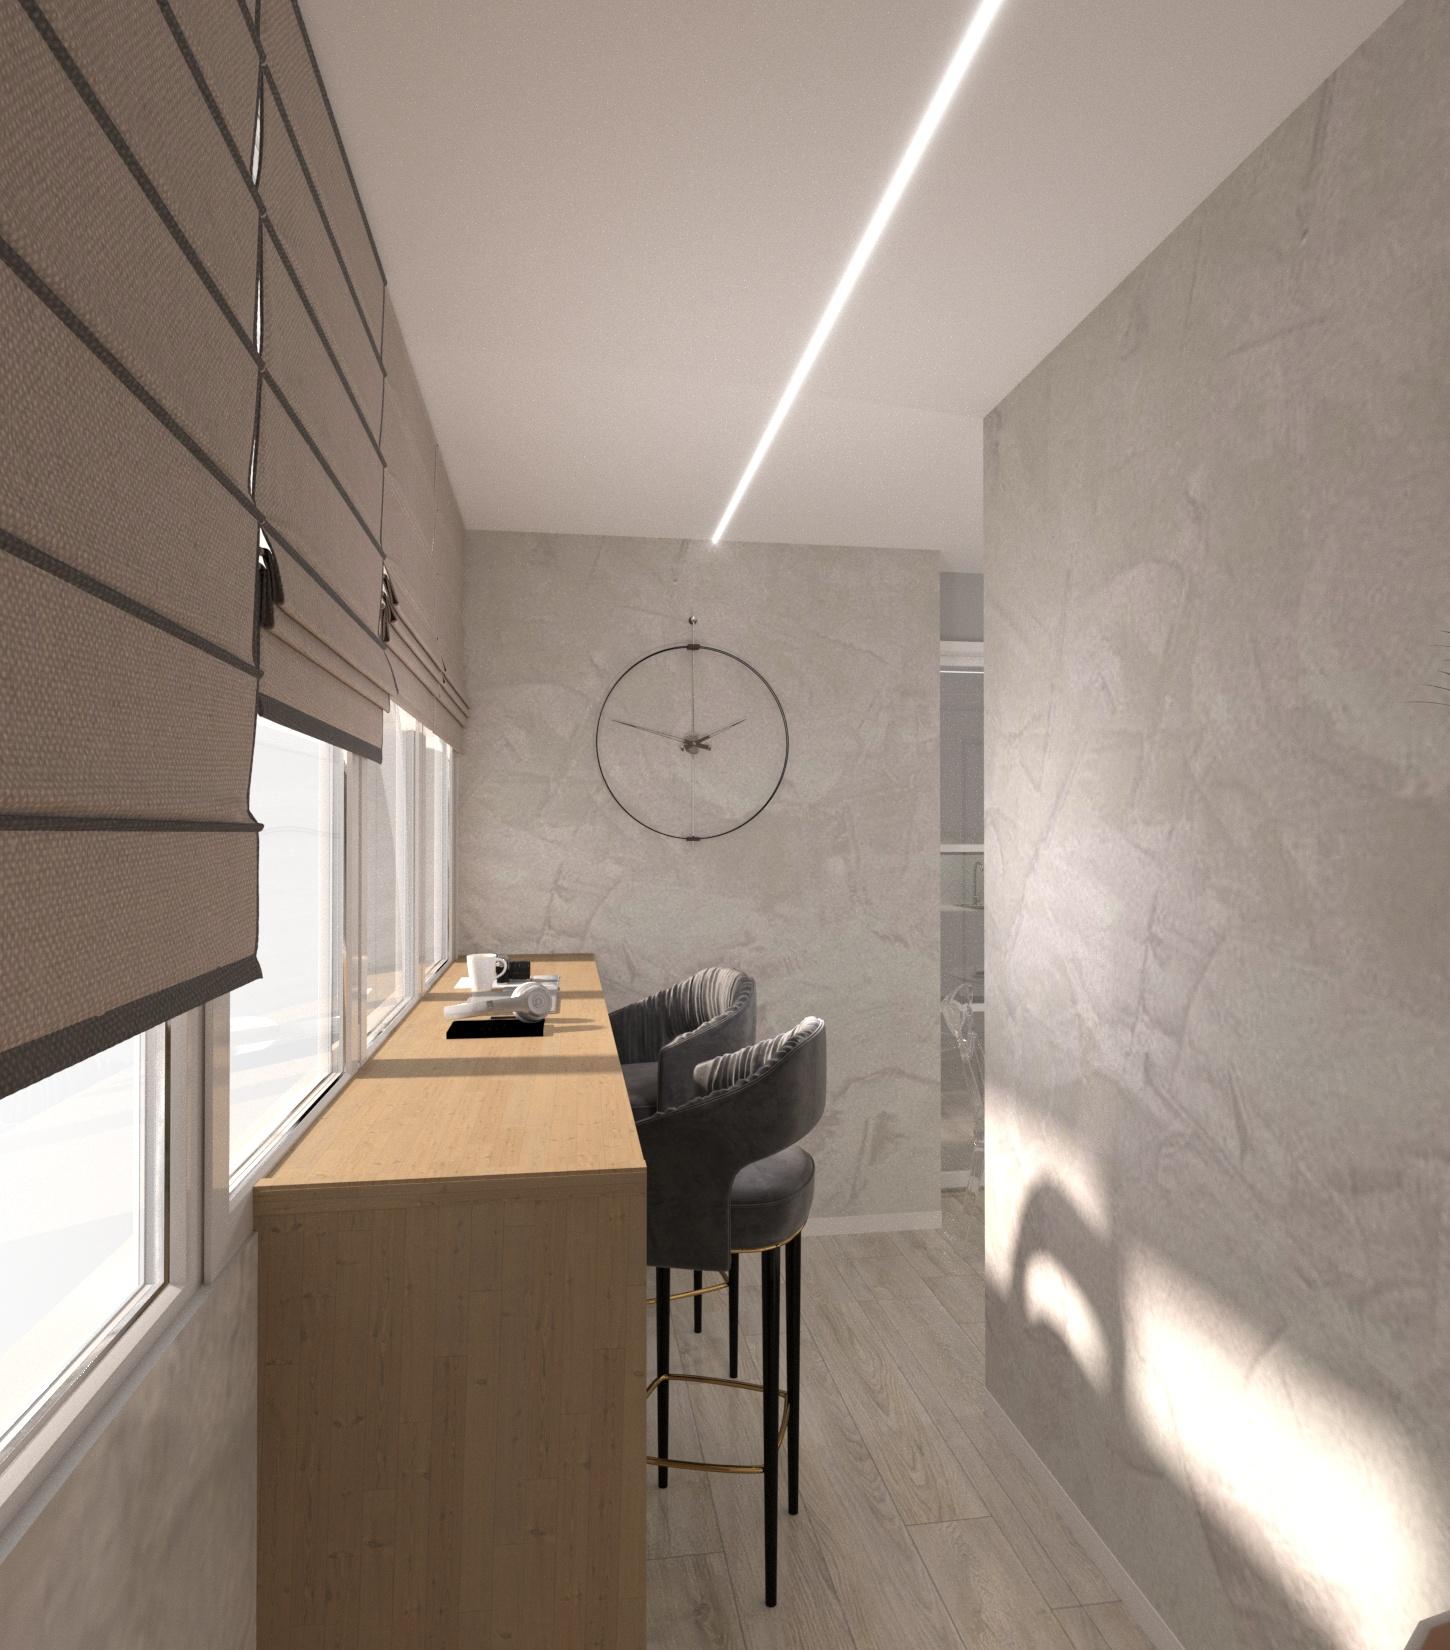 Проект квартири 47,5 кв.м по вул. Проскуровського Підпілля 165а - фото 19